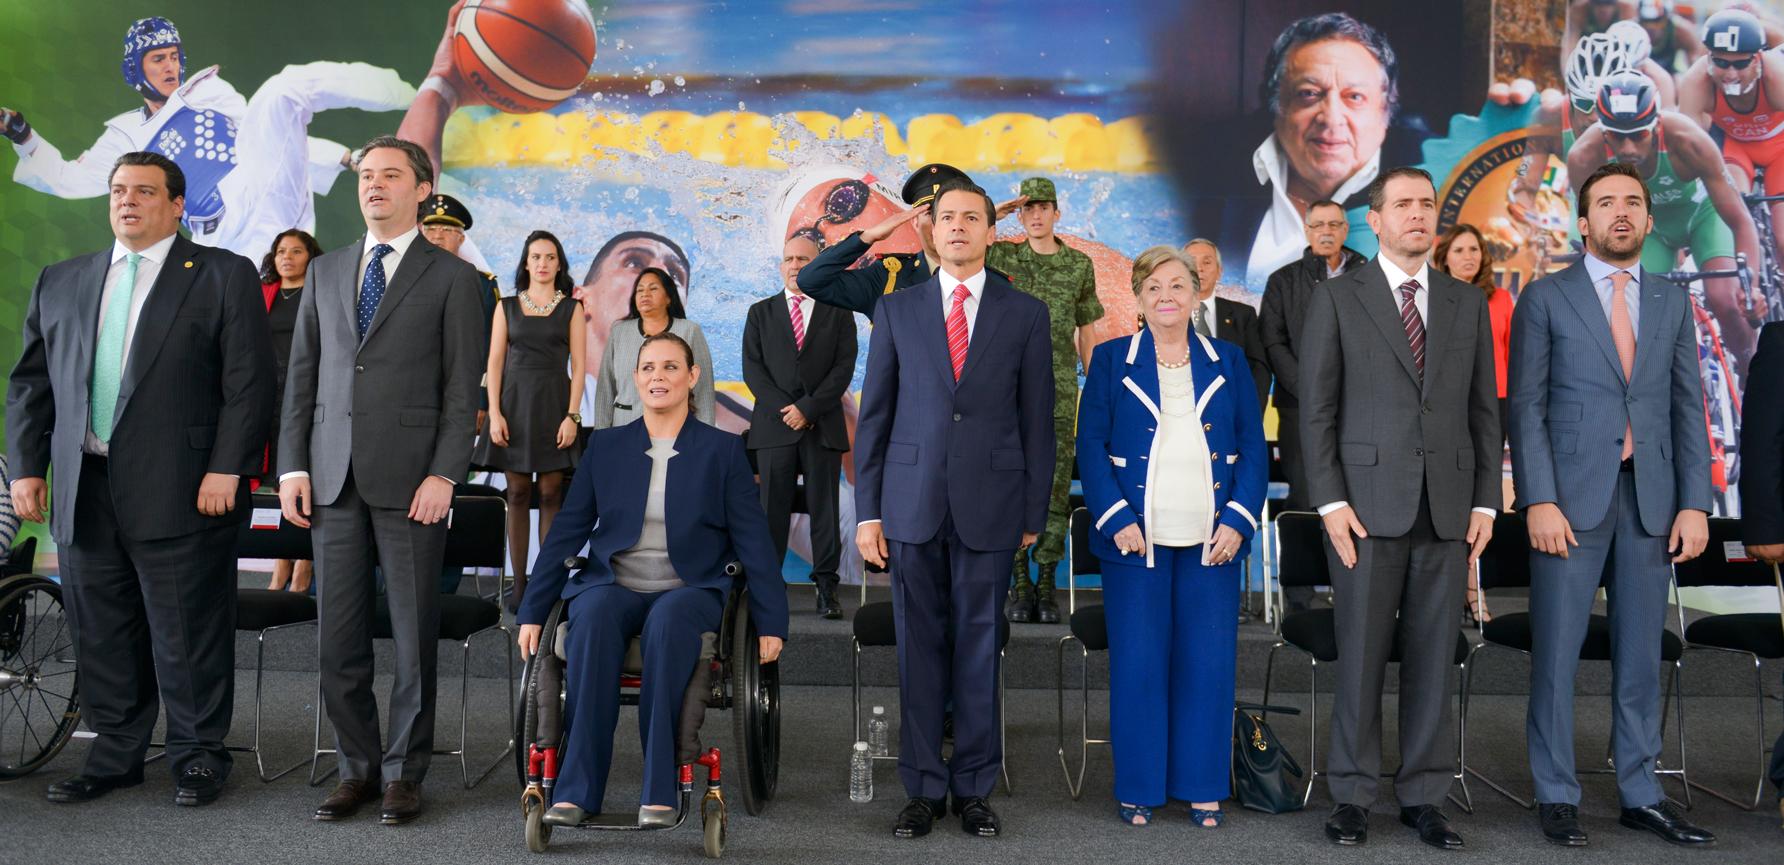 El Mandatario encabezó la ceremonia de entrega del Premio Nacional de Deportes y del Premio Nacional de Mérito Deportivo 2015.